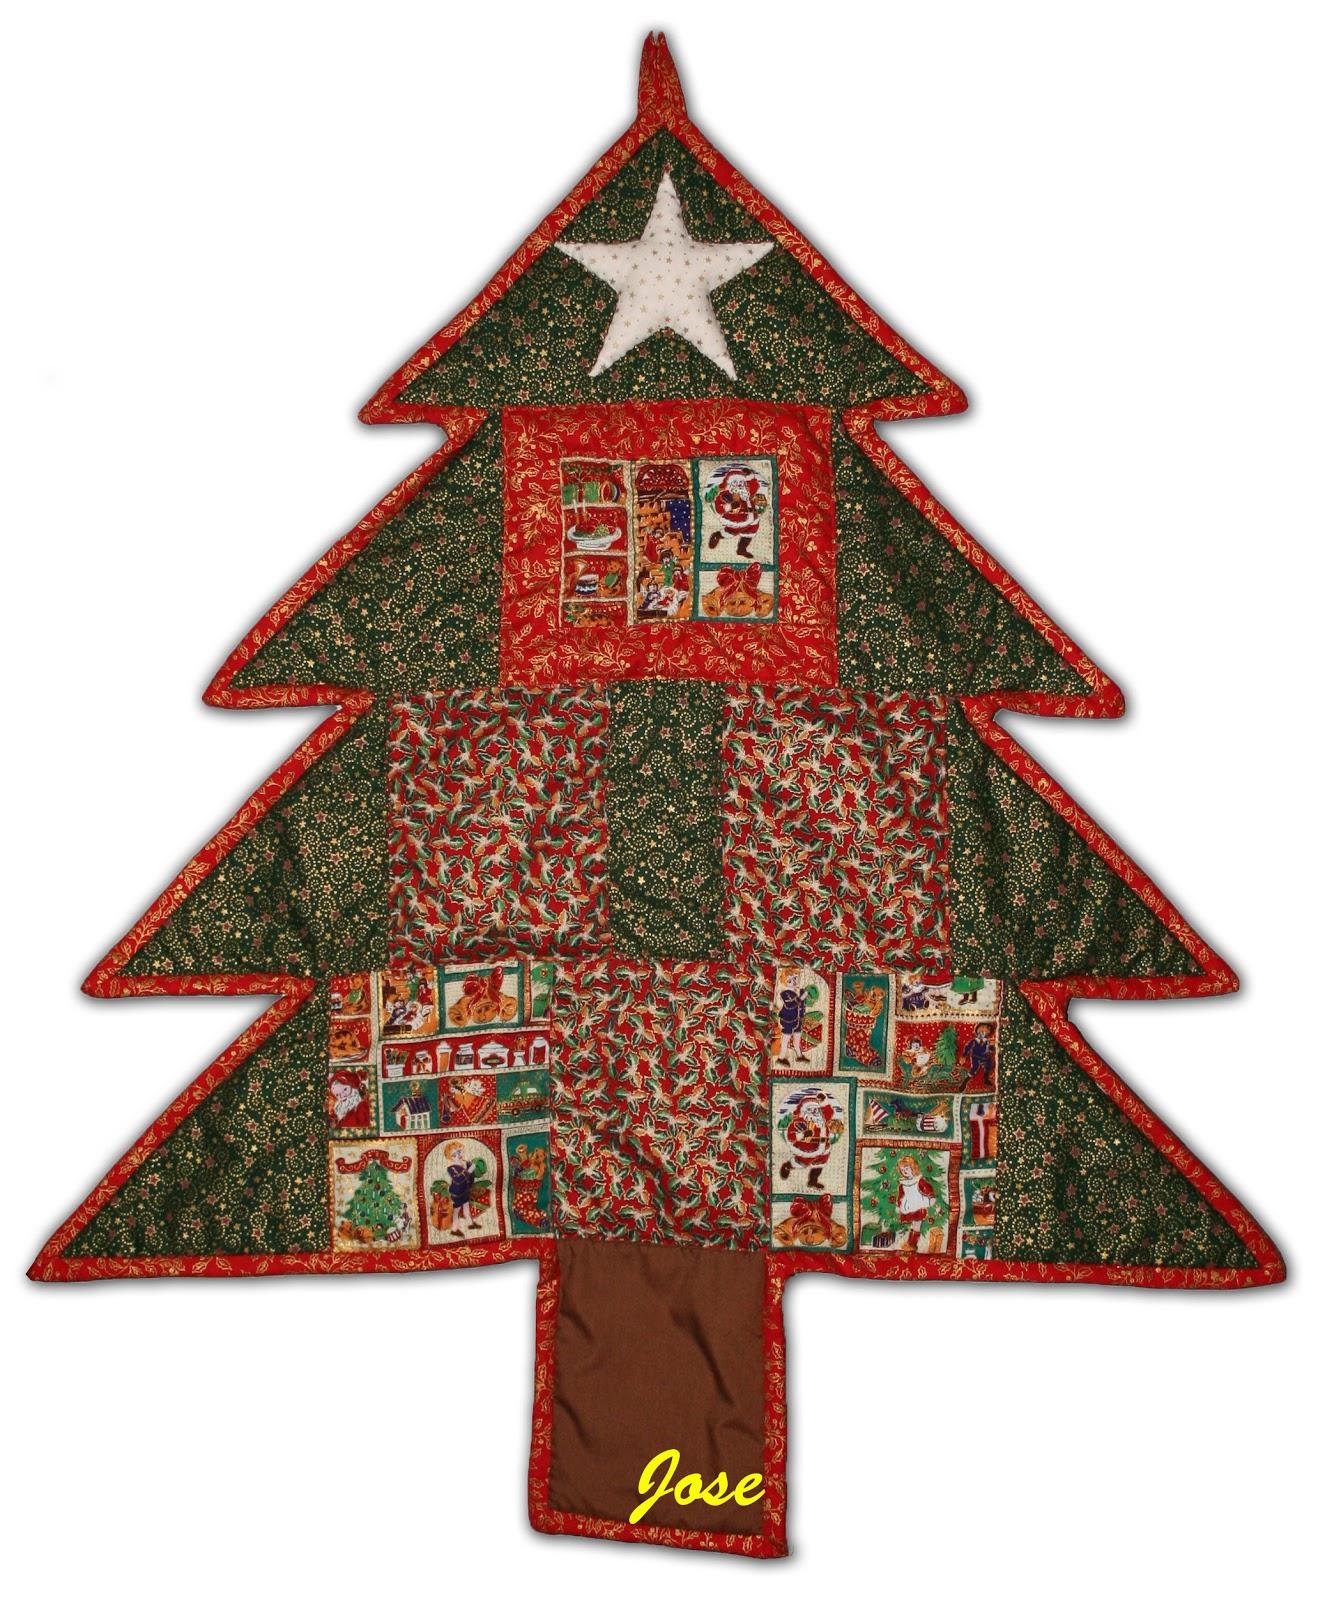 Los hobbies de jose patchwork de navidad - Arbol de navidad tela ...